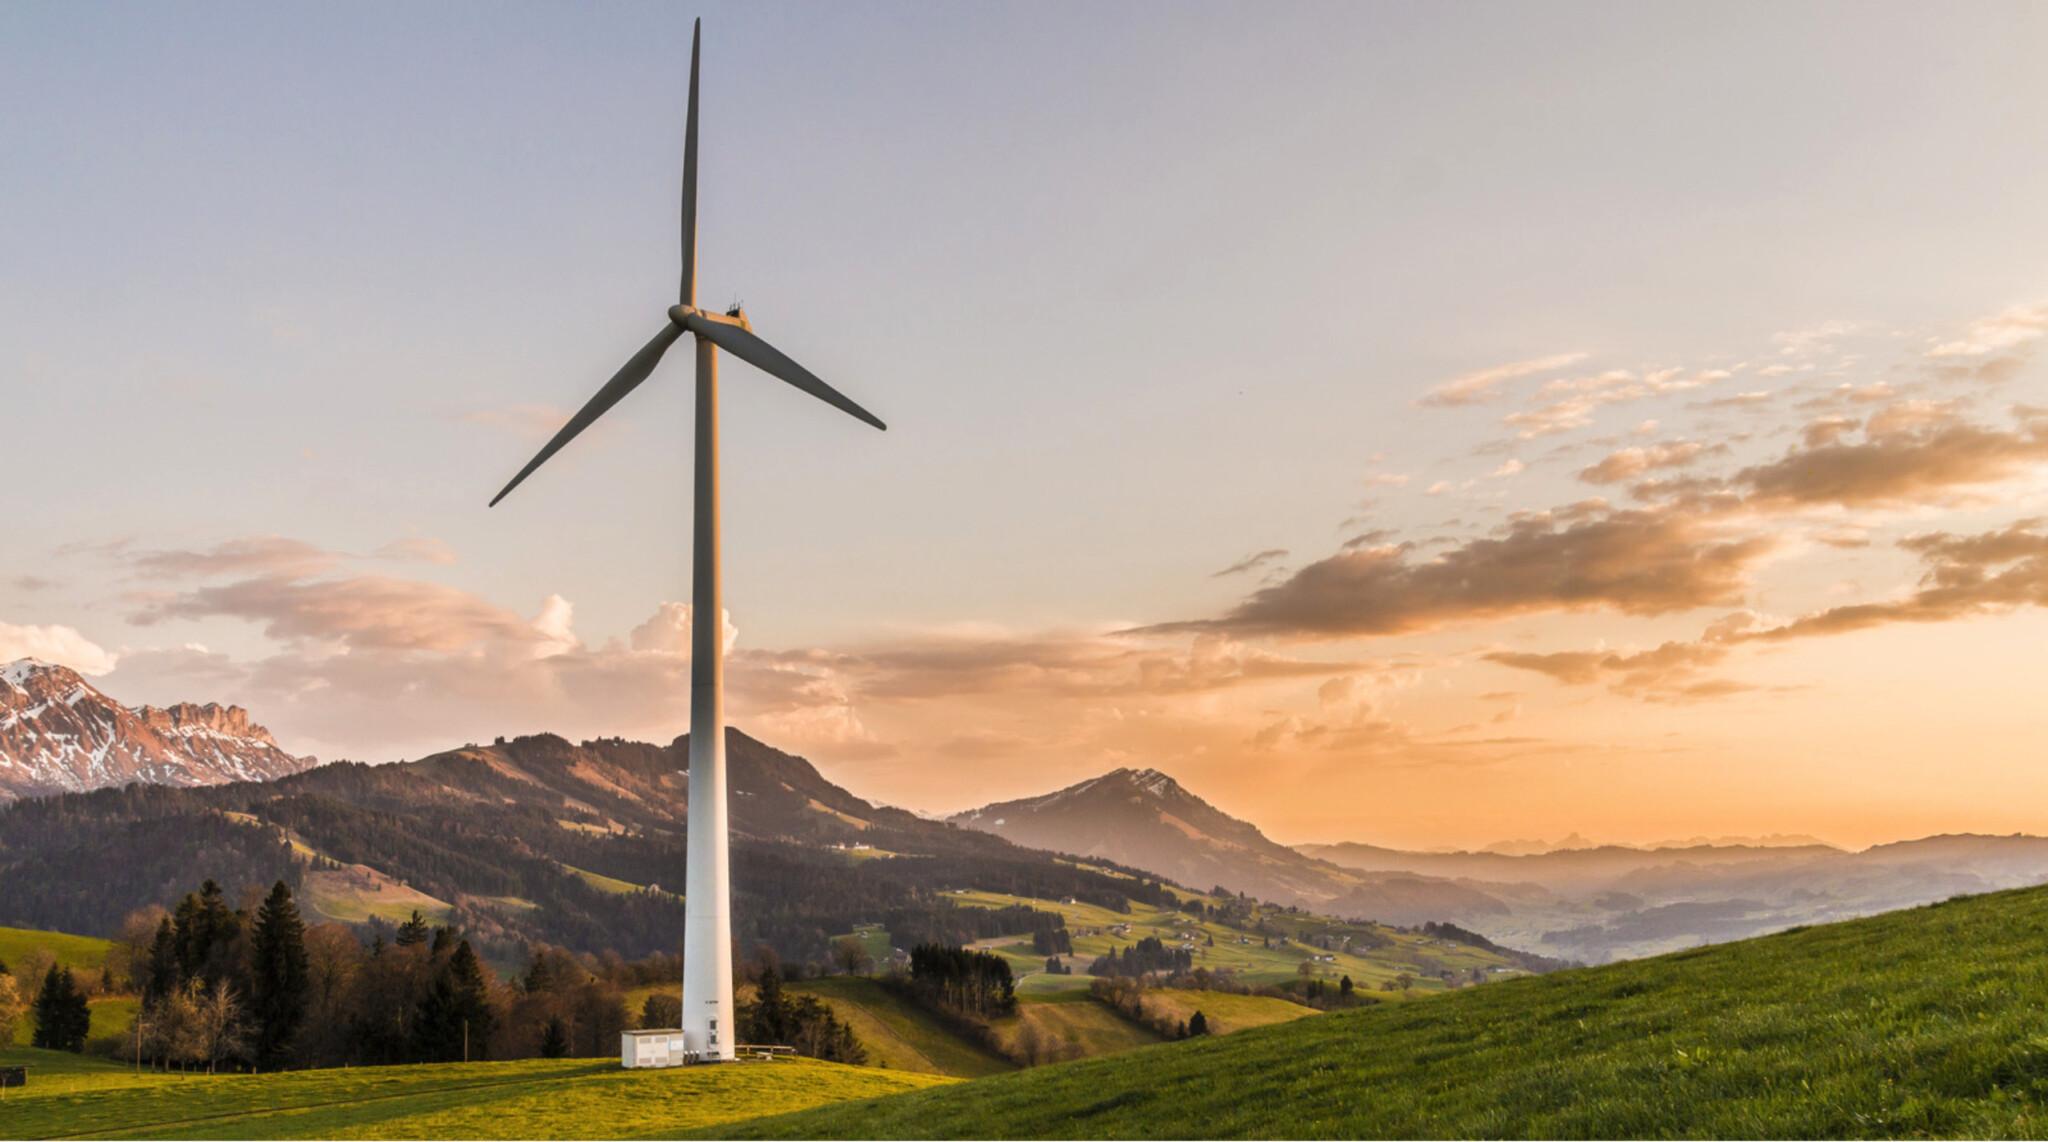 New Green Deal vs COVID-19. Zvládne EU financovat svou ambiciózní zelenou politiku?